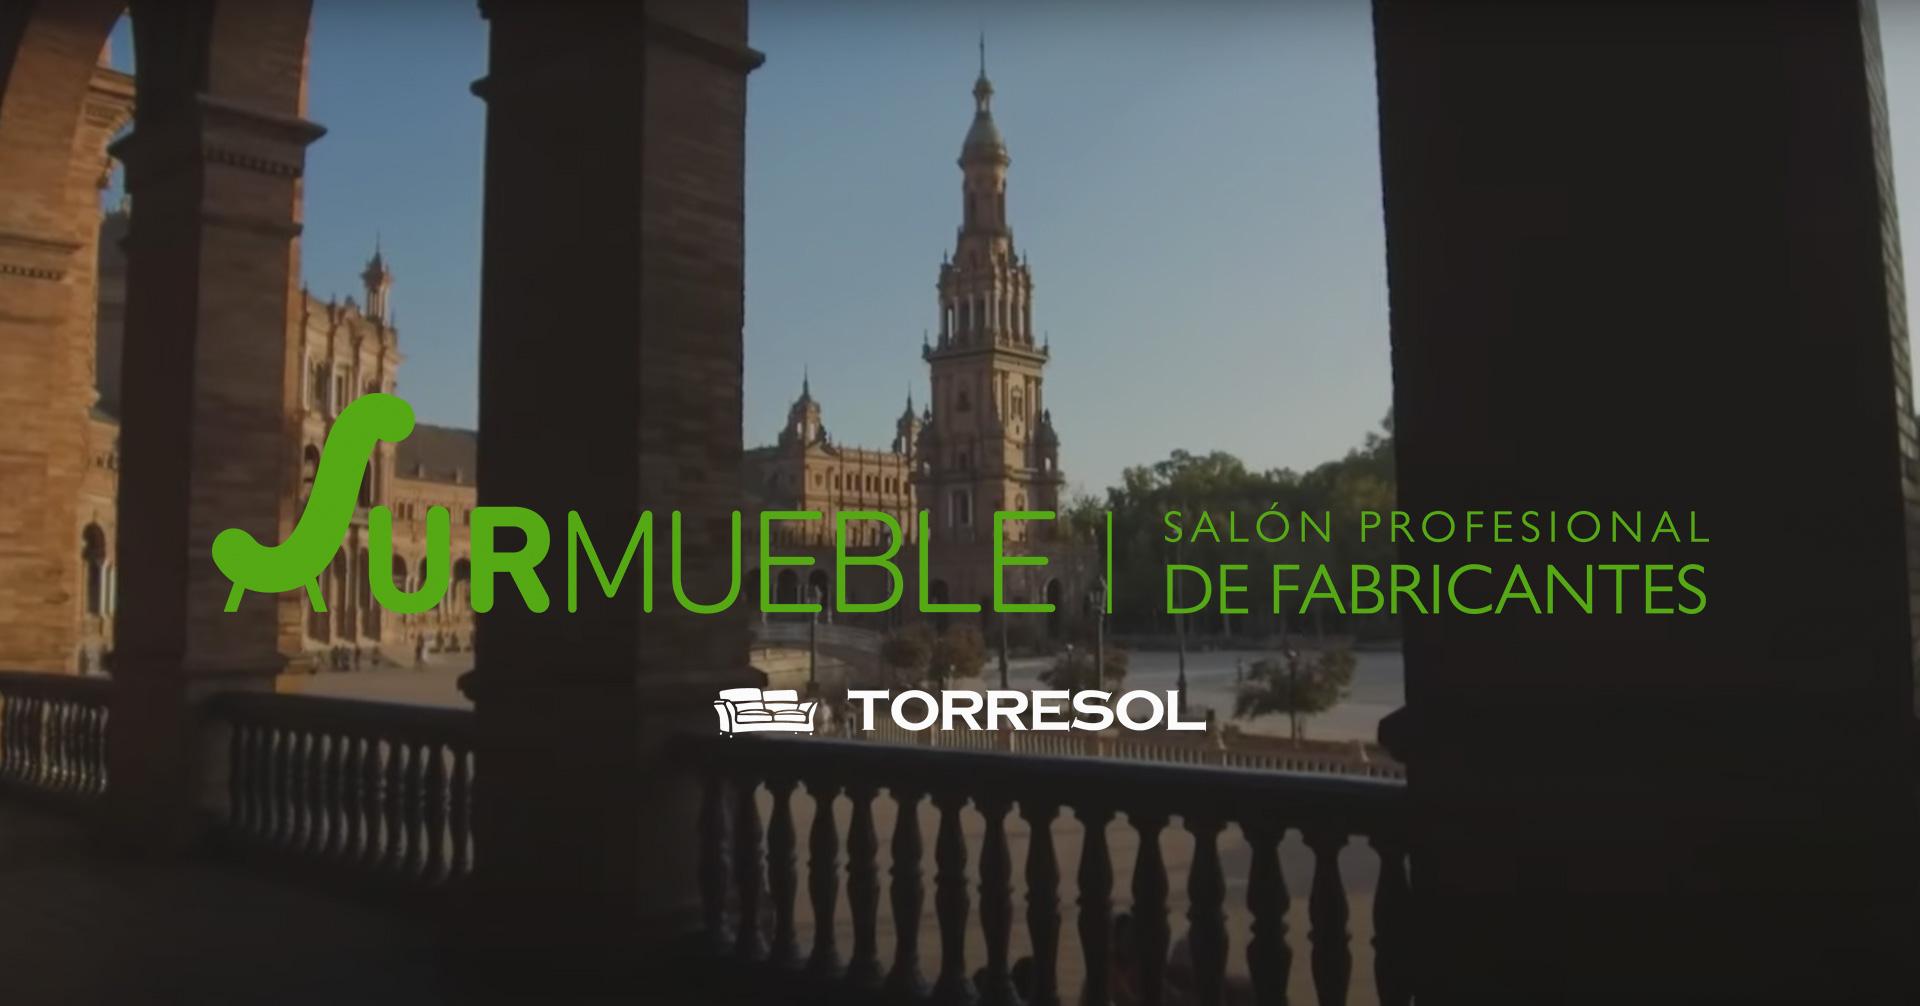 Torresol vuelve a Surmueble del 28 de septiembre al 1 de octubre.